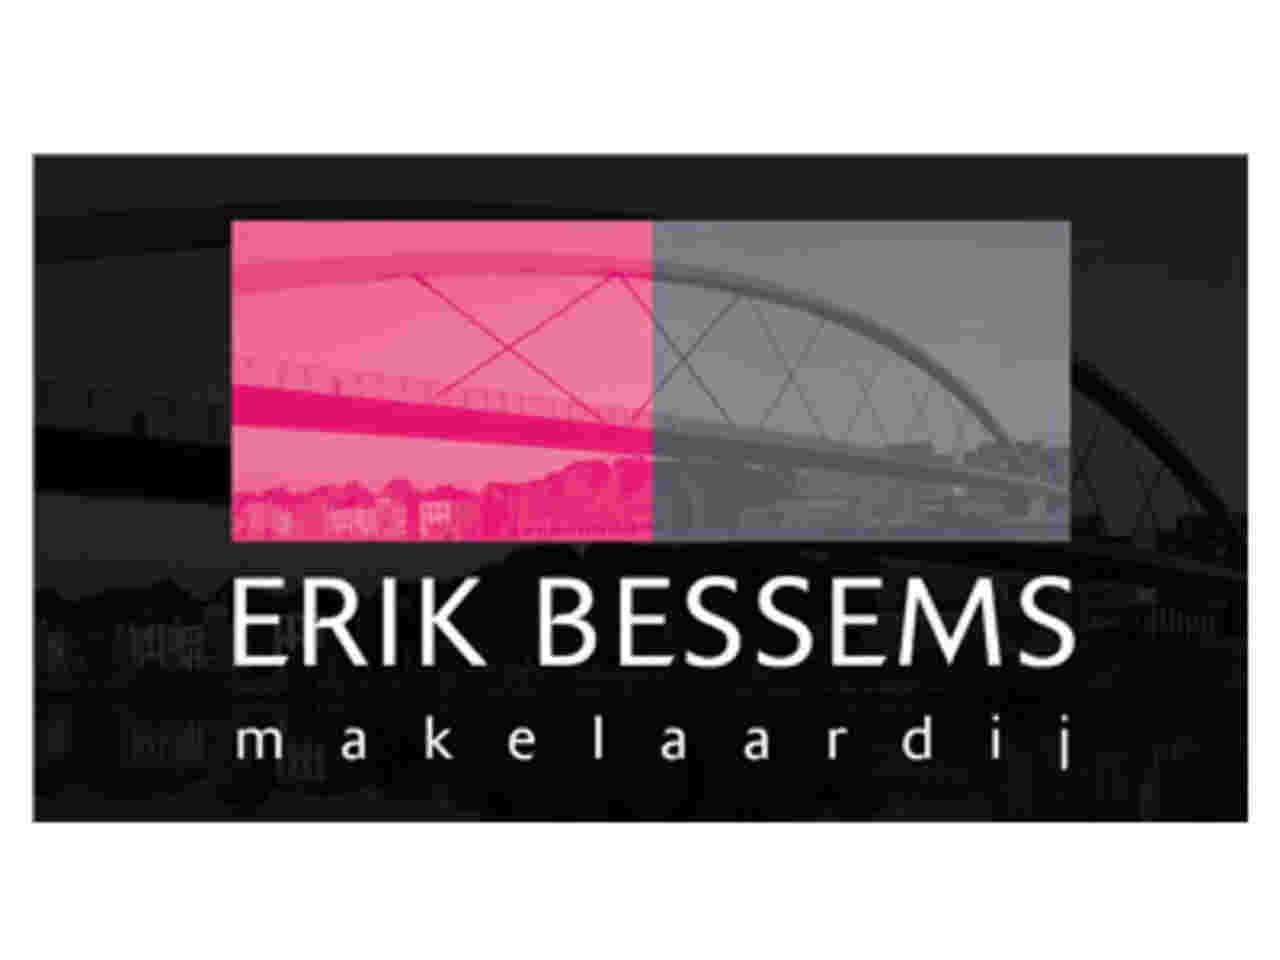 Erik Bessems Makelaardij BVBA